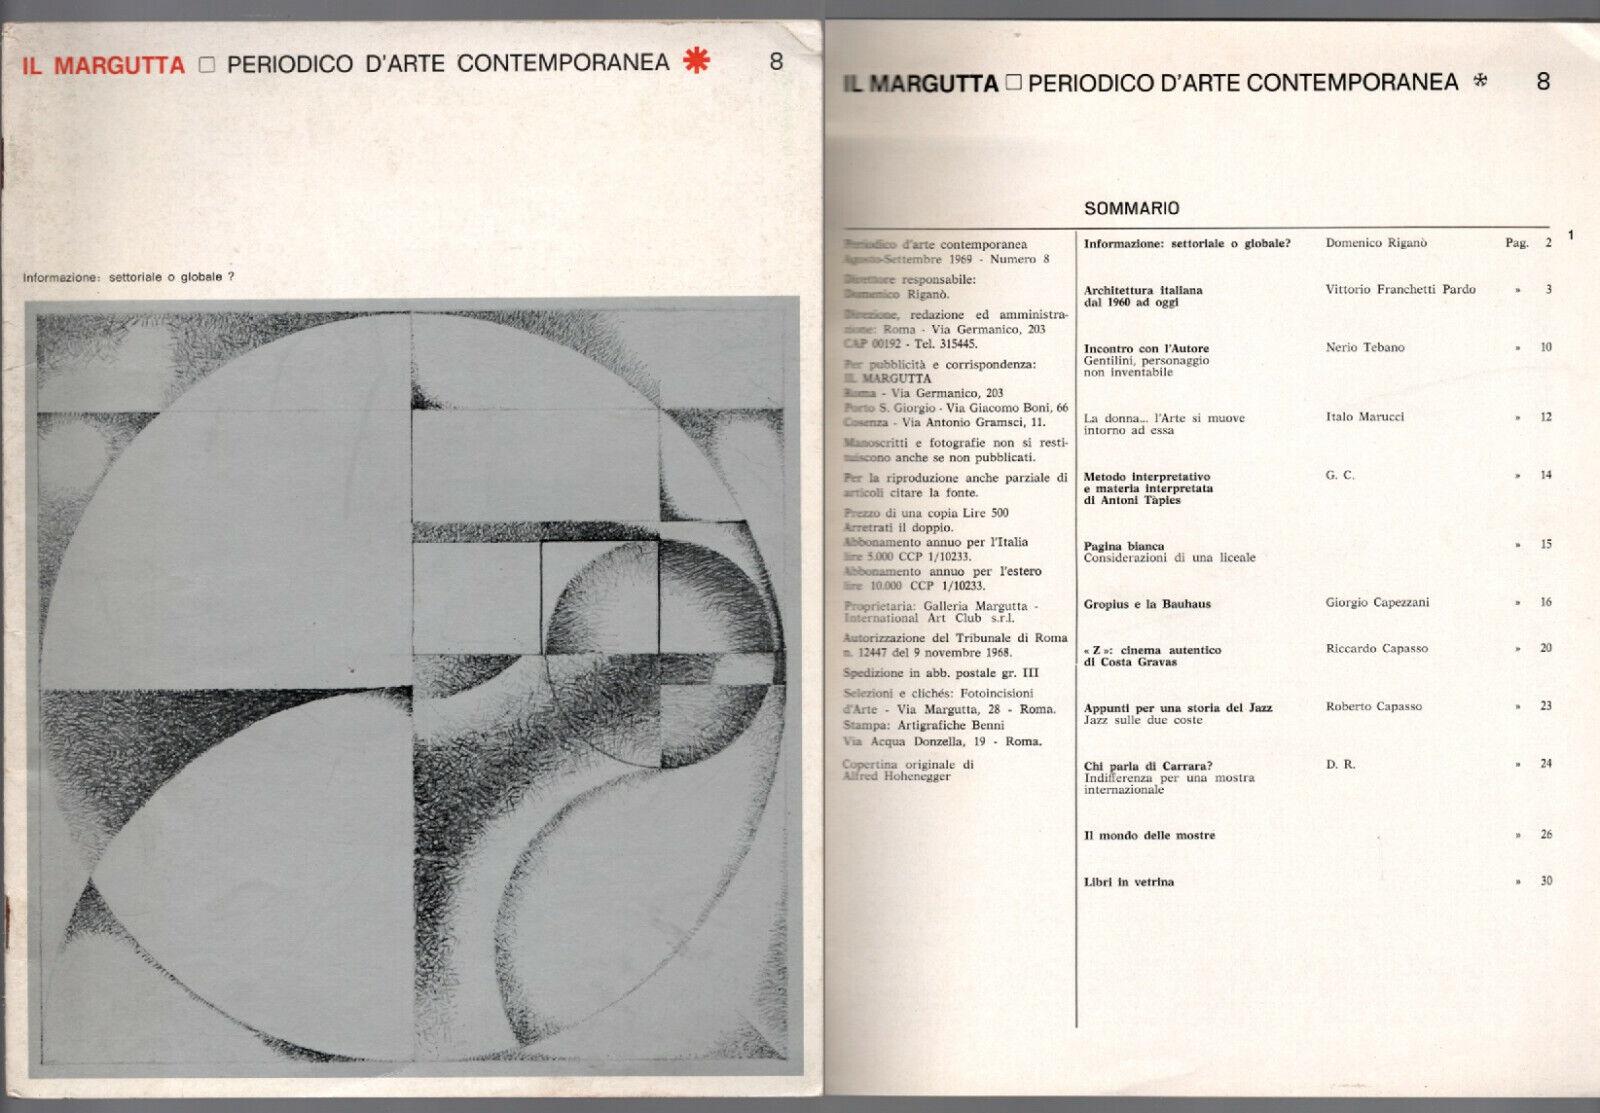 Pietro Mosca. Mostra antologica